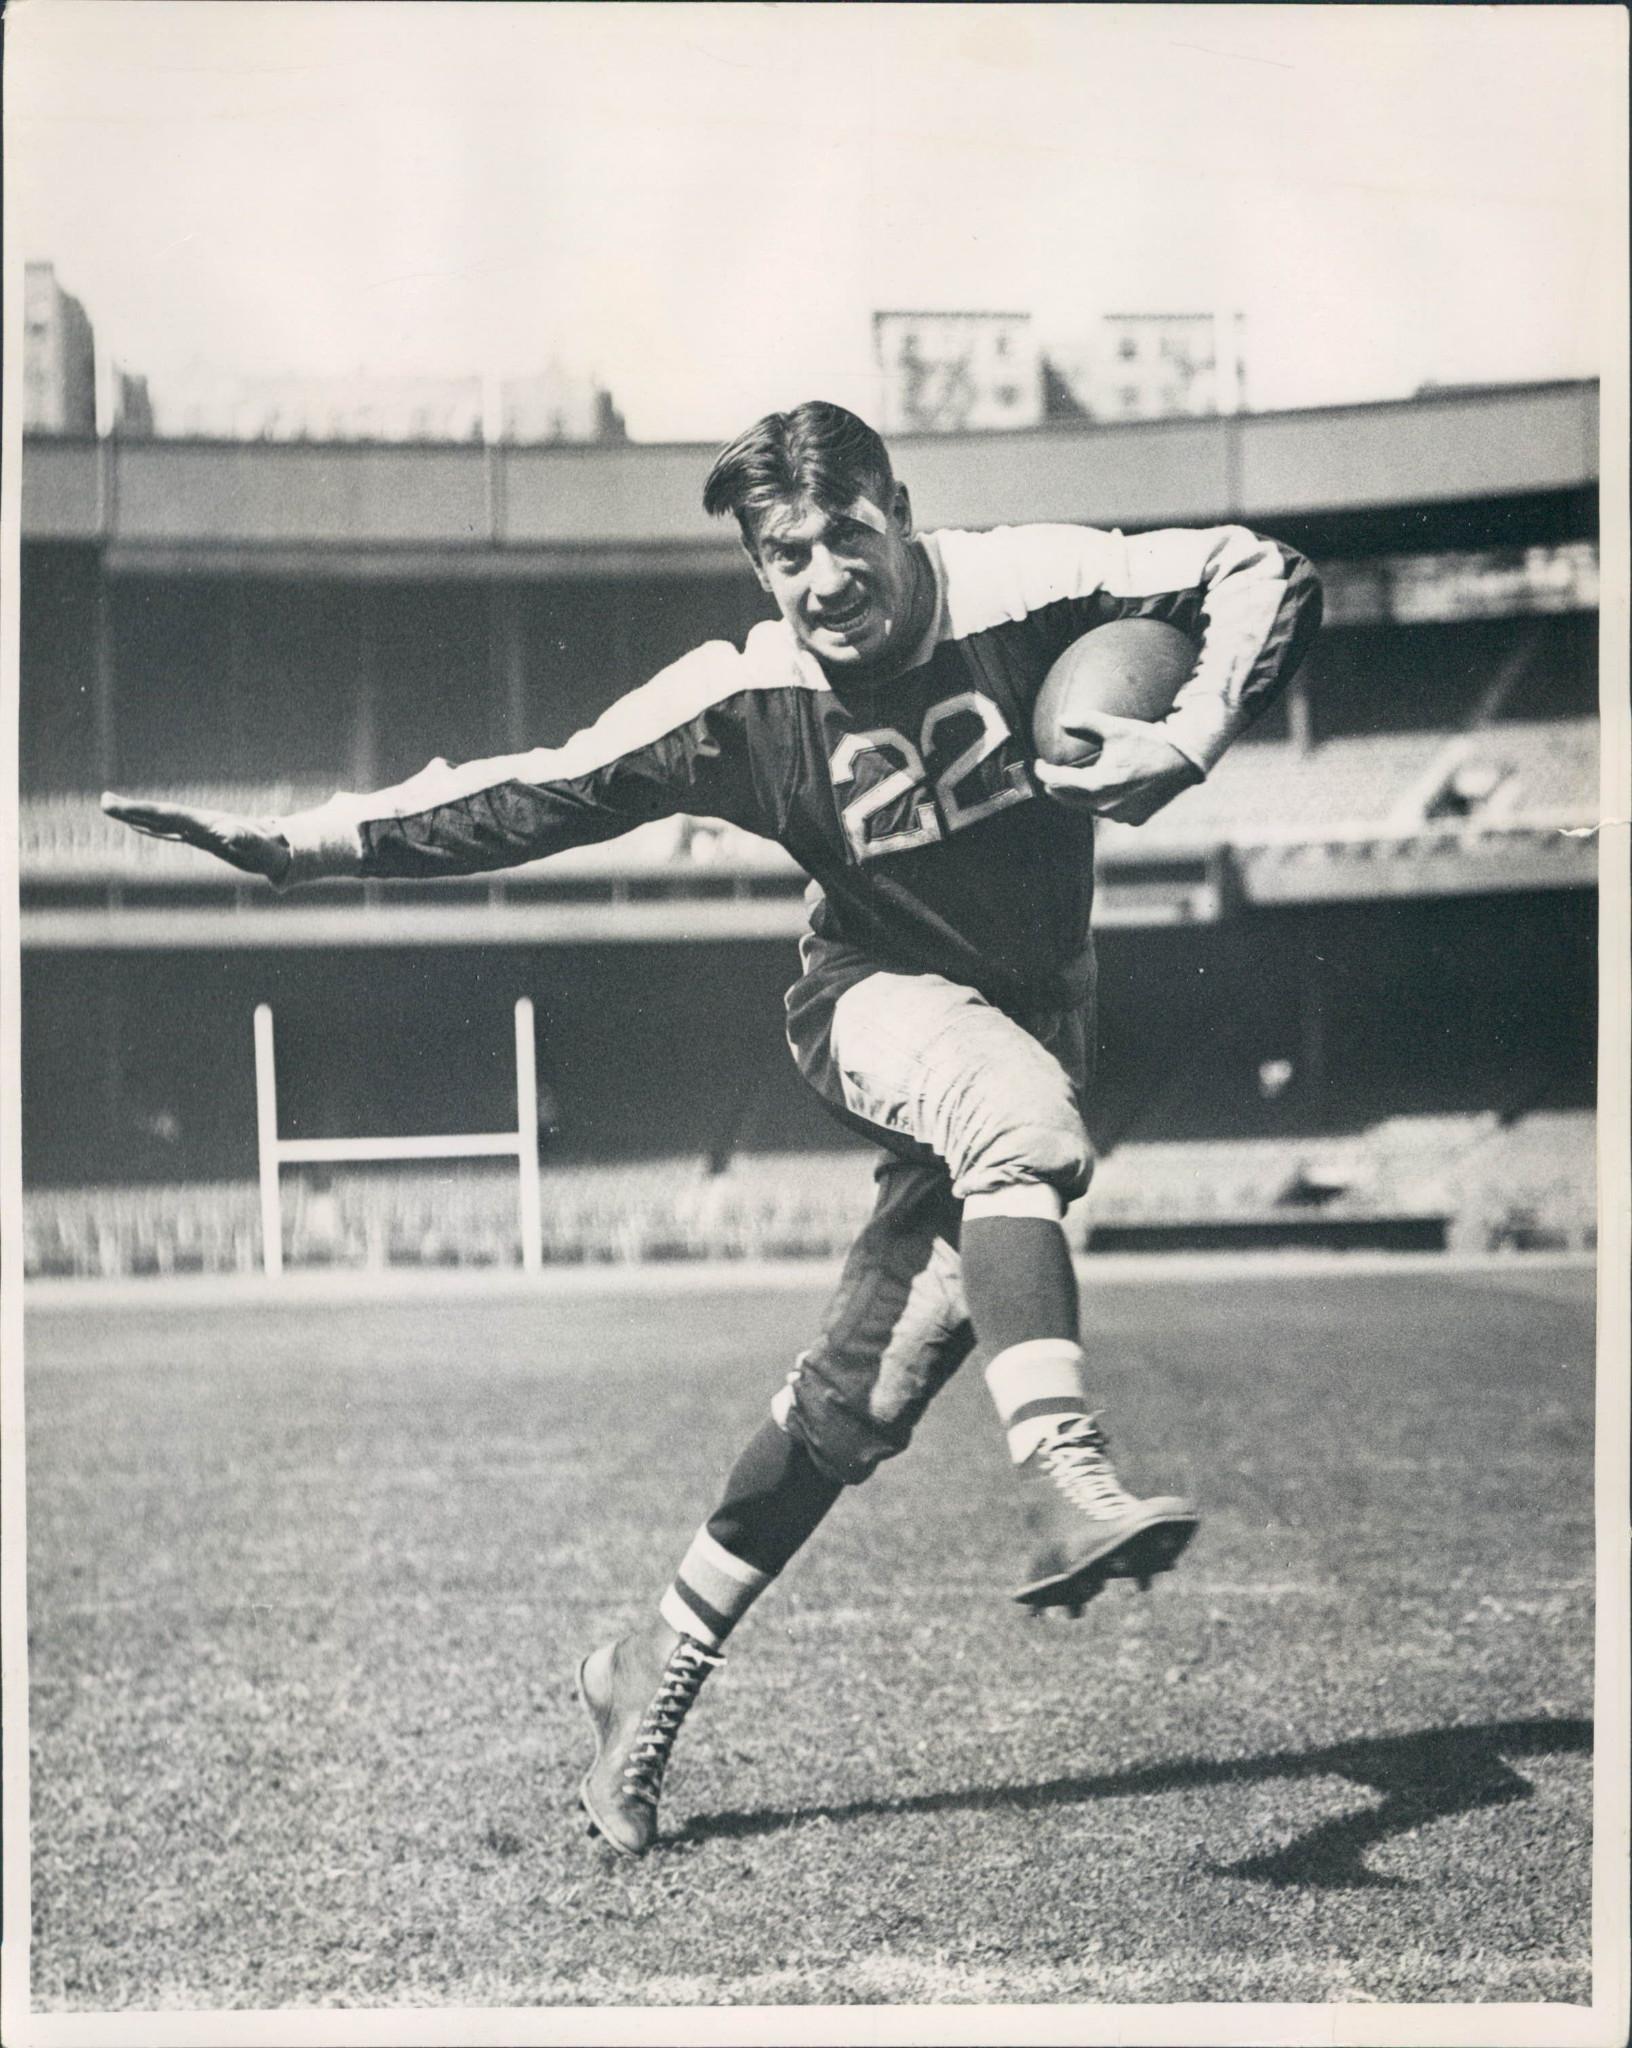 Ed Danowski, New York Giants (1935)